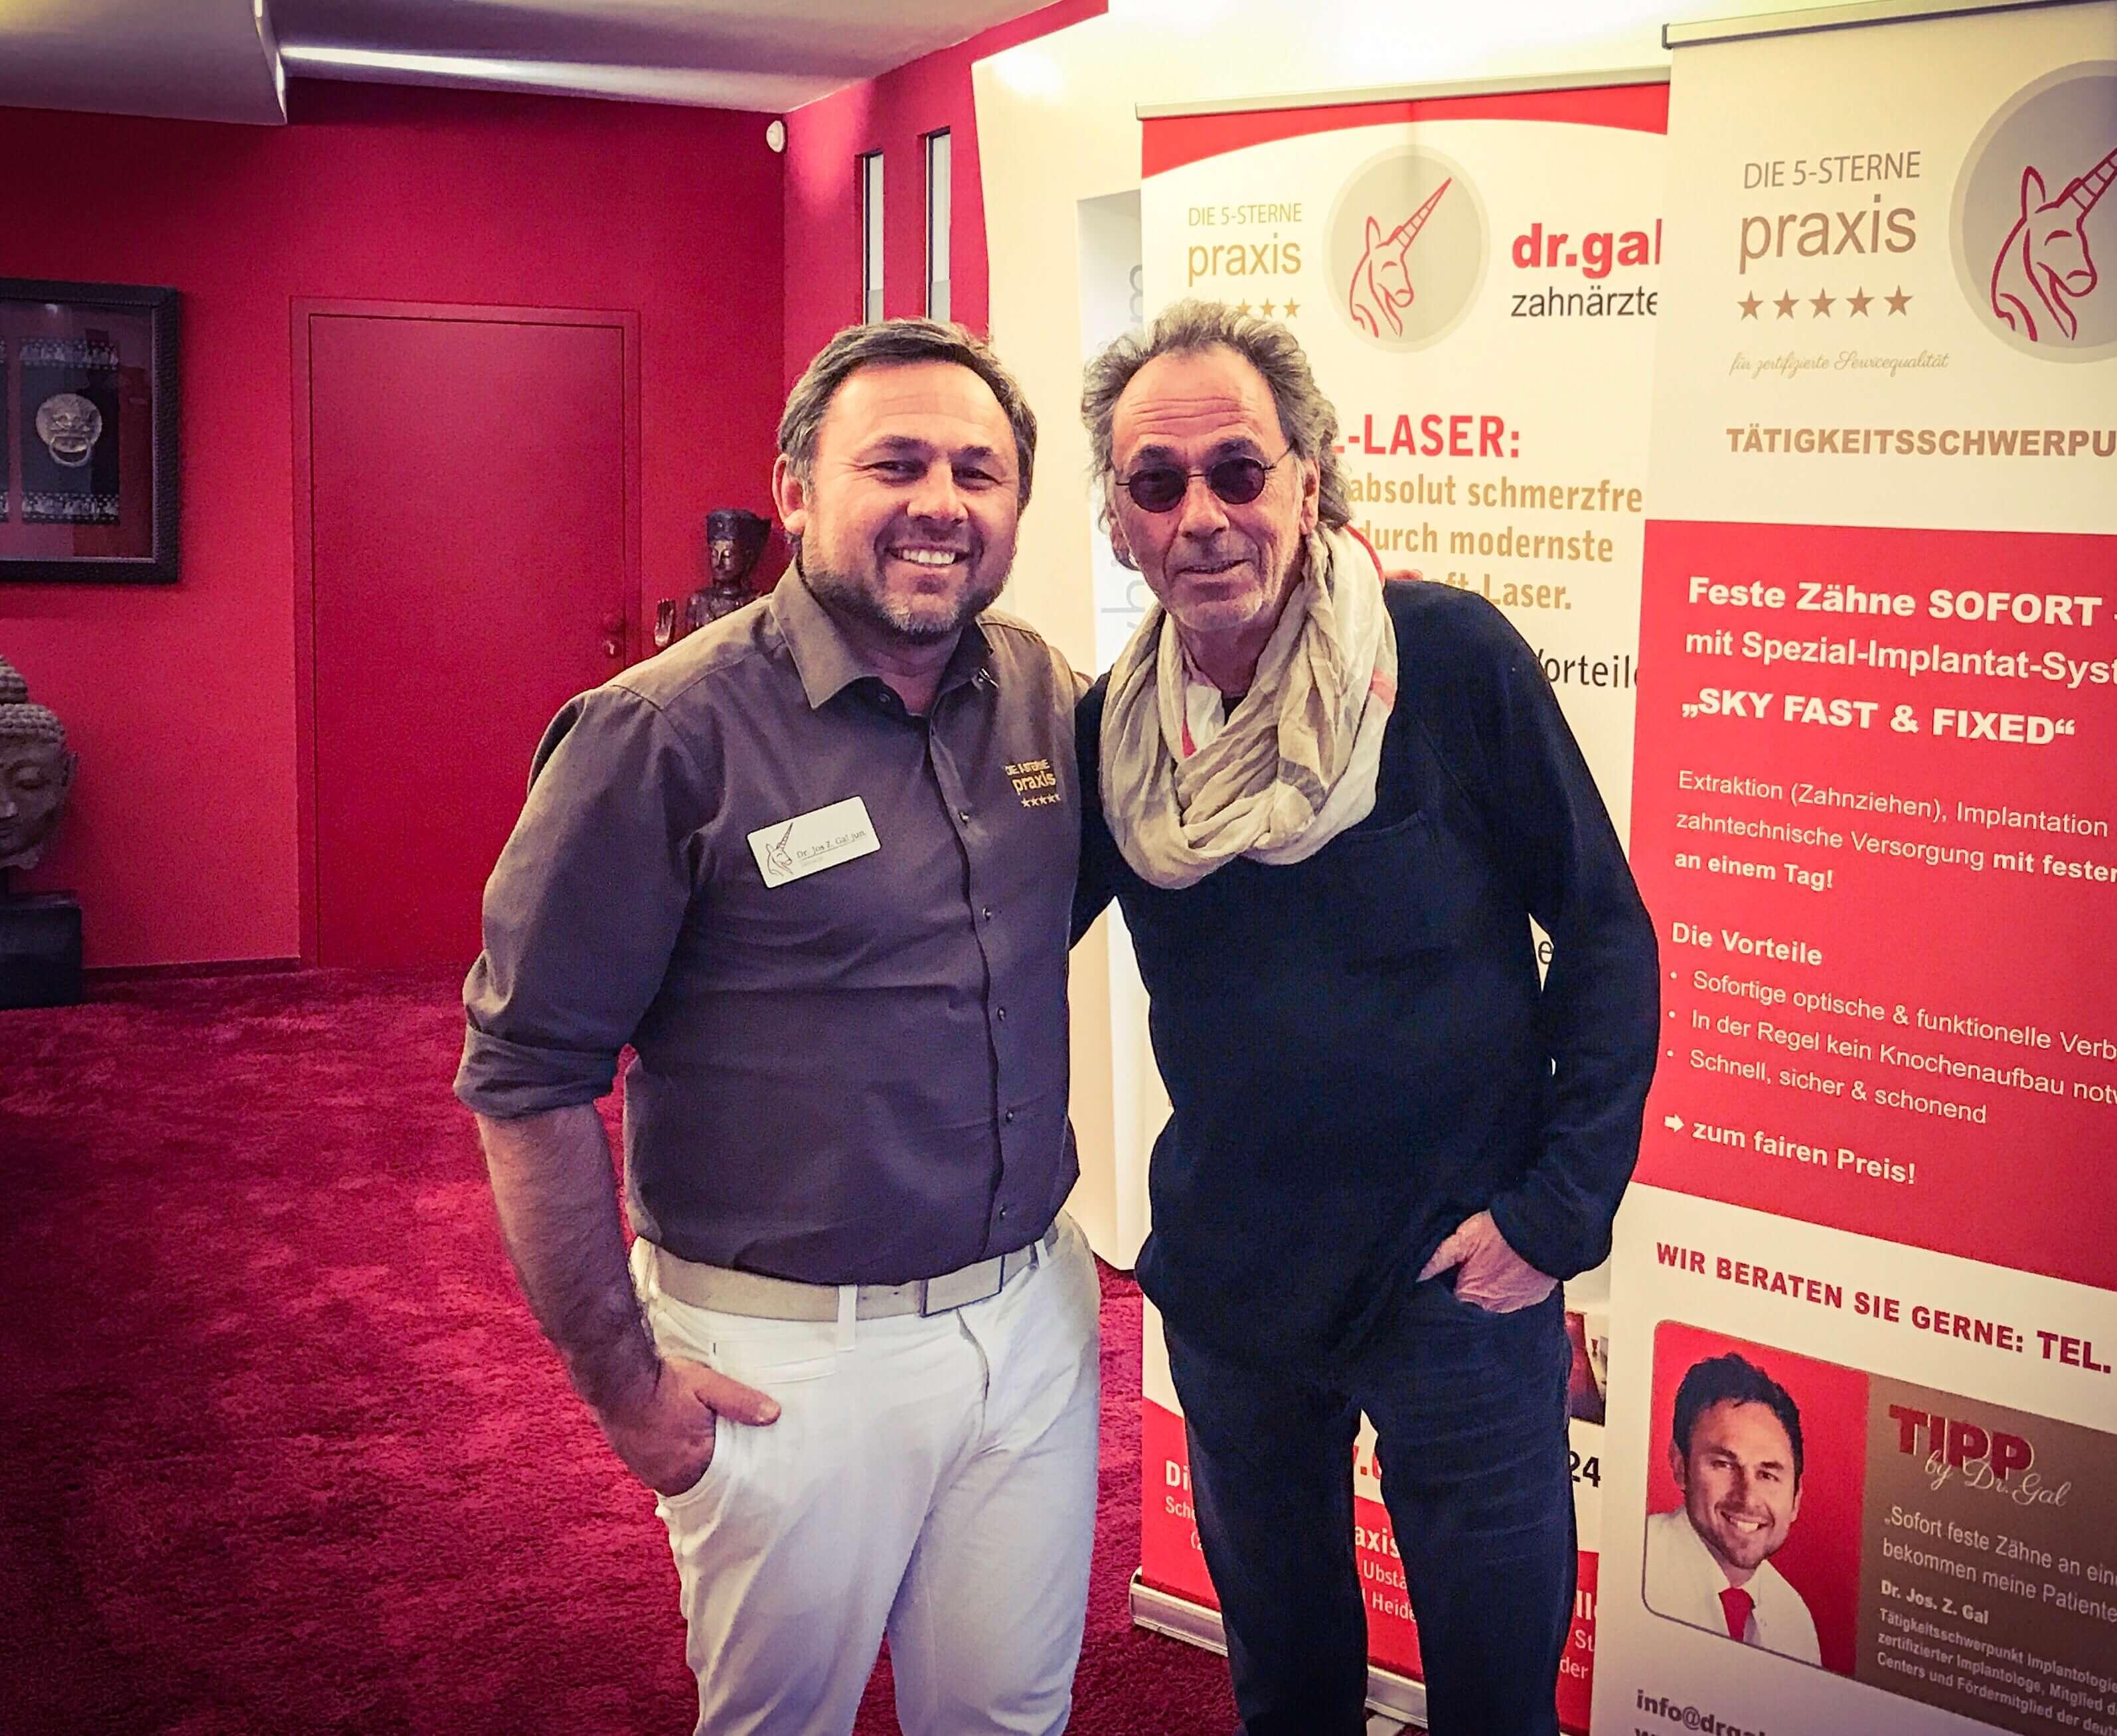 Hugo Egon Balder zu Besuch in der Zahnarztpraxis Dr. Gal